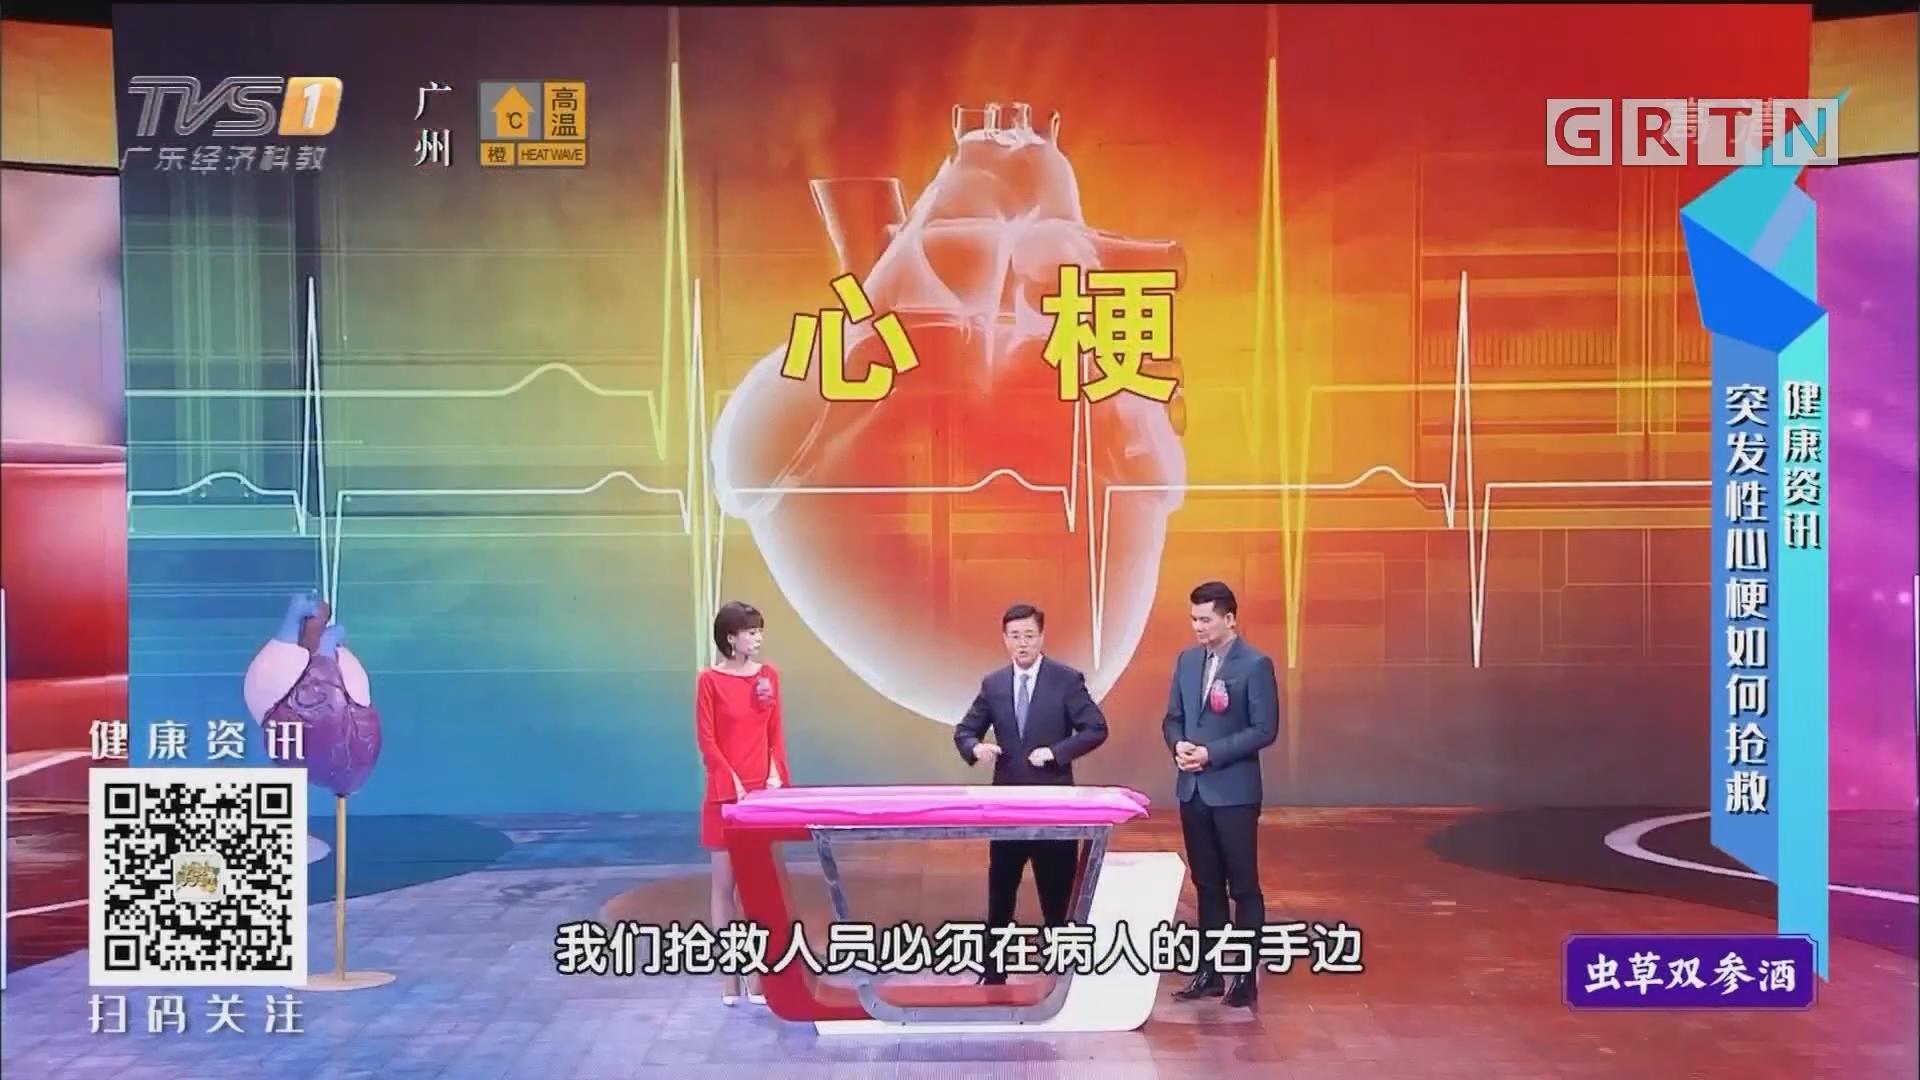 [HD][2019-07-17]经视健康+:健康资讯:突发性心梗如何抢救